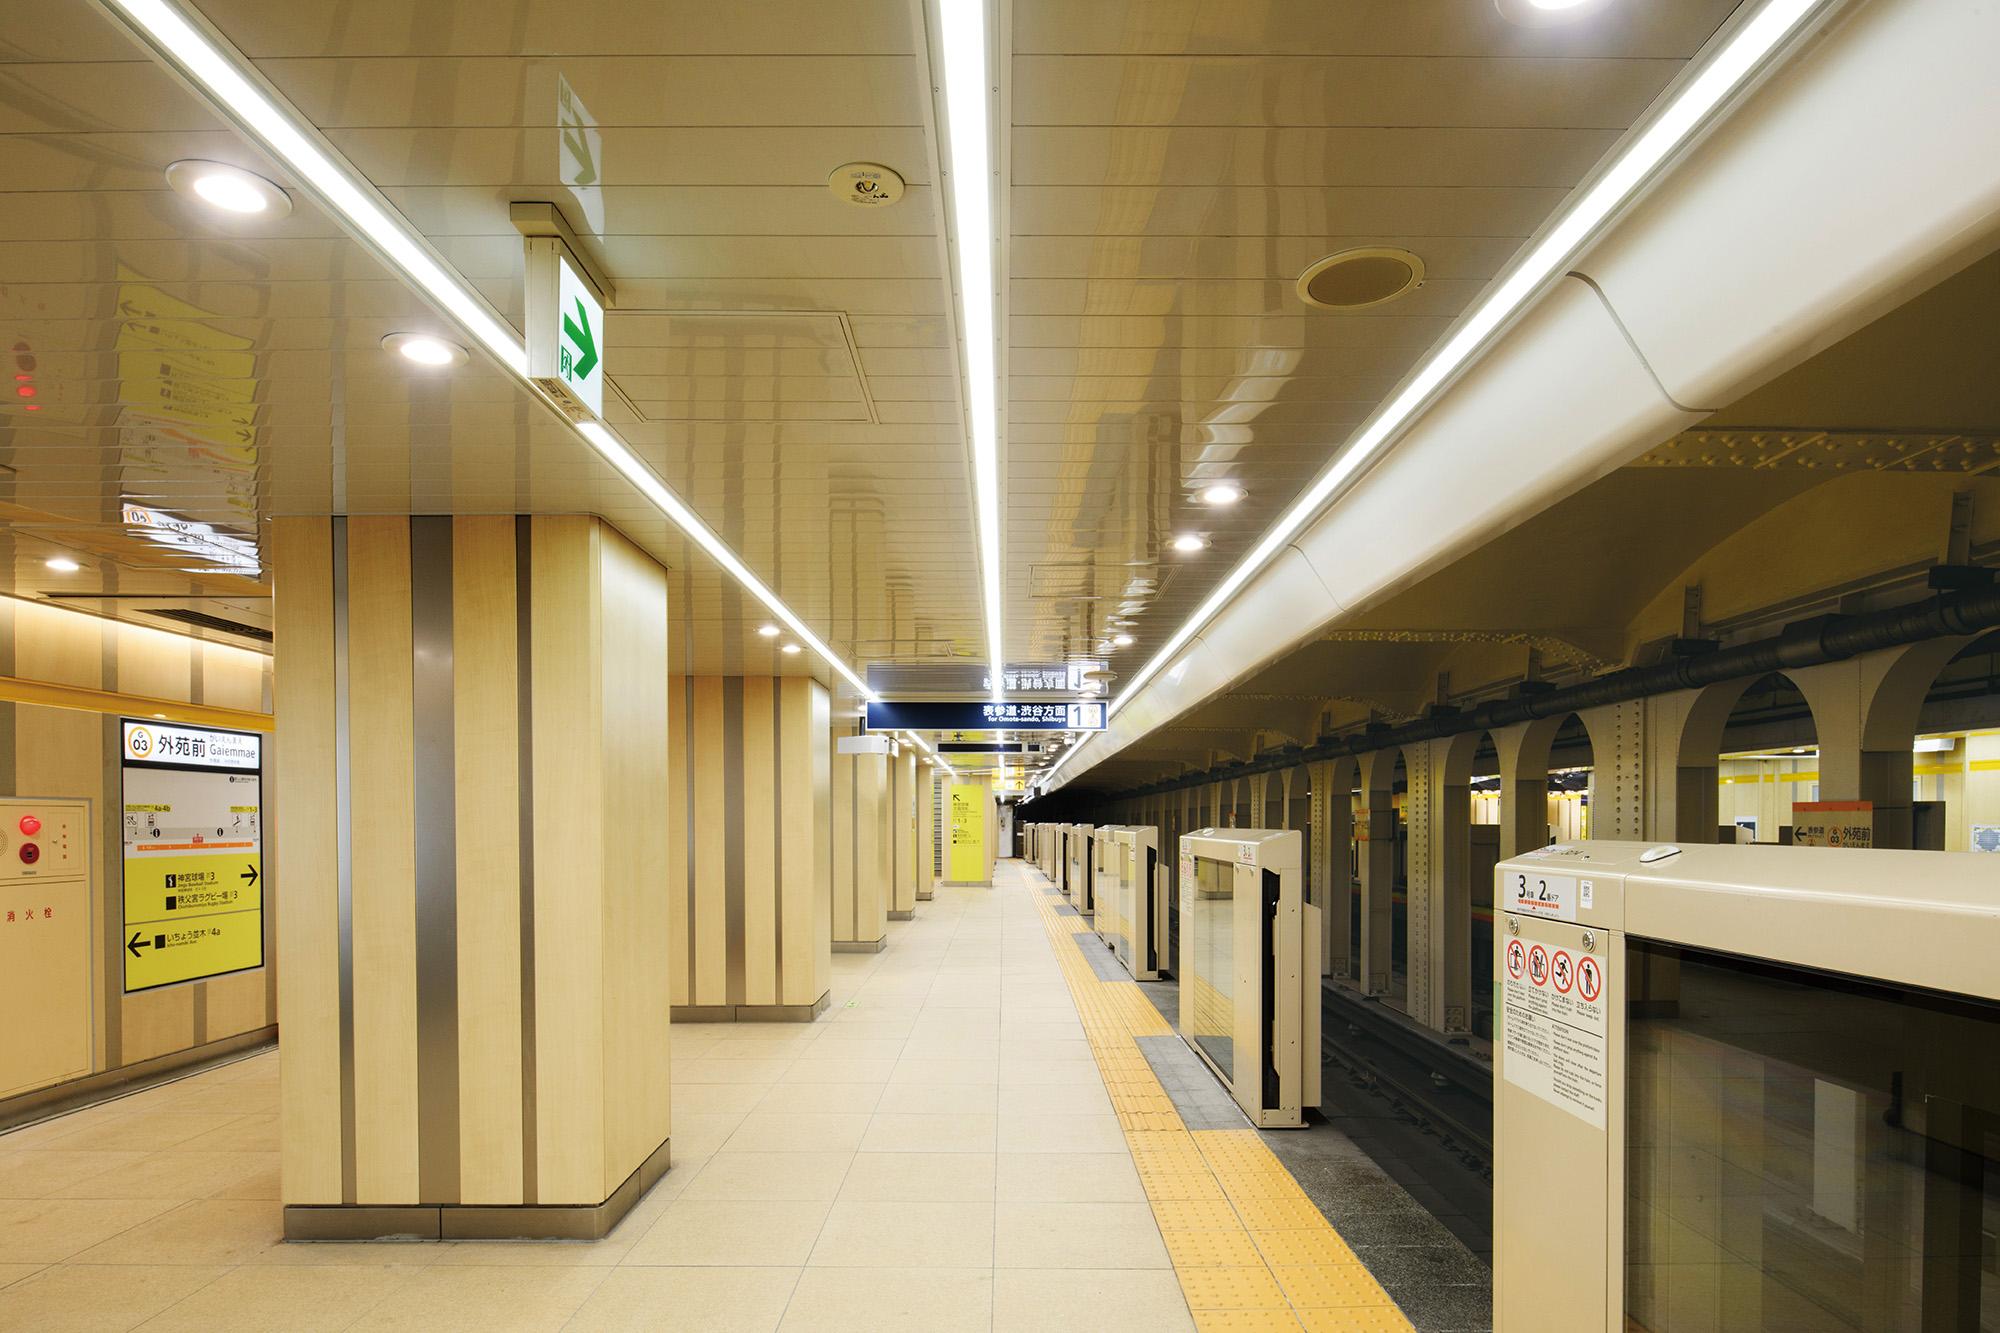 東京メトロ銀座線 青山一丁目駅 外苑前駅(ノンスケール設計案件)